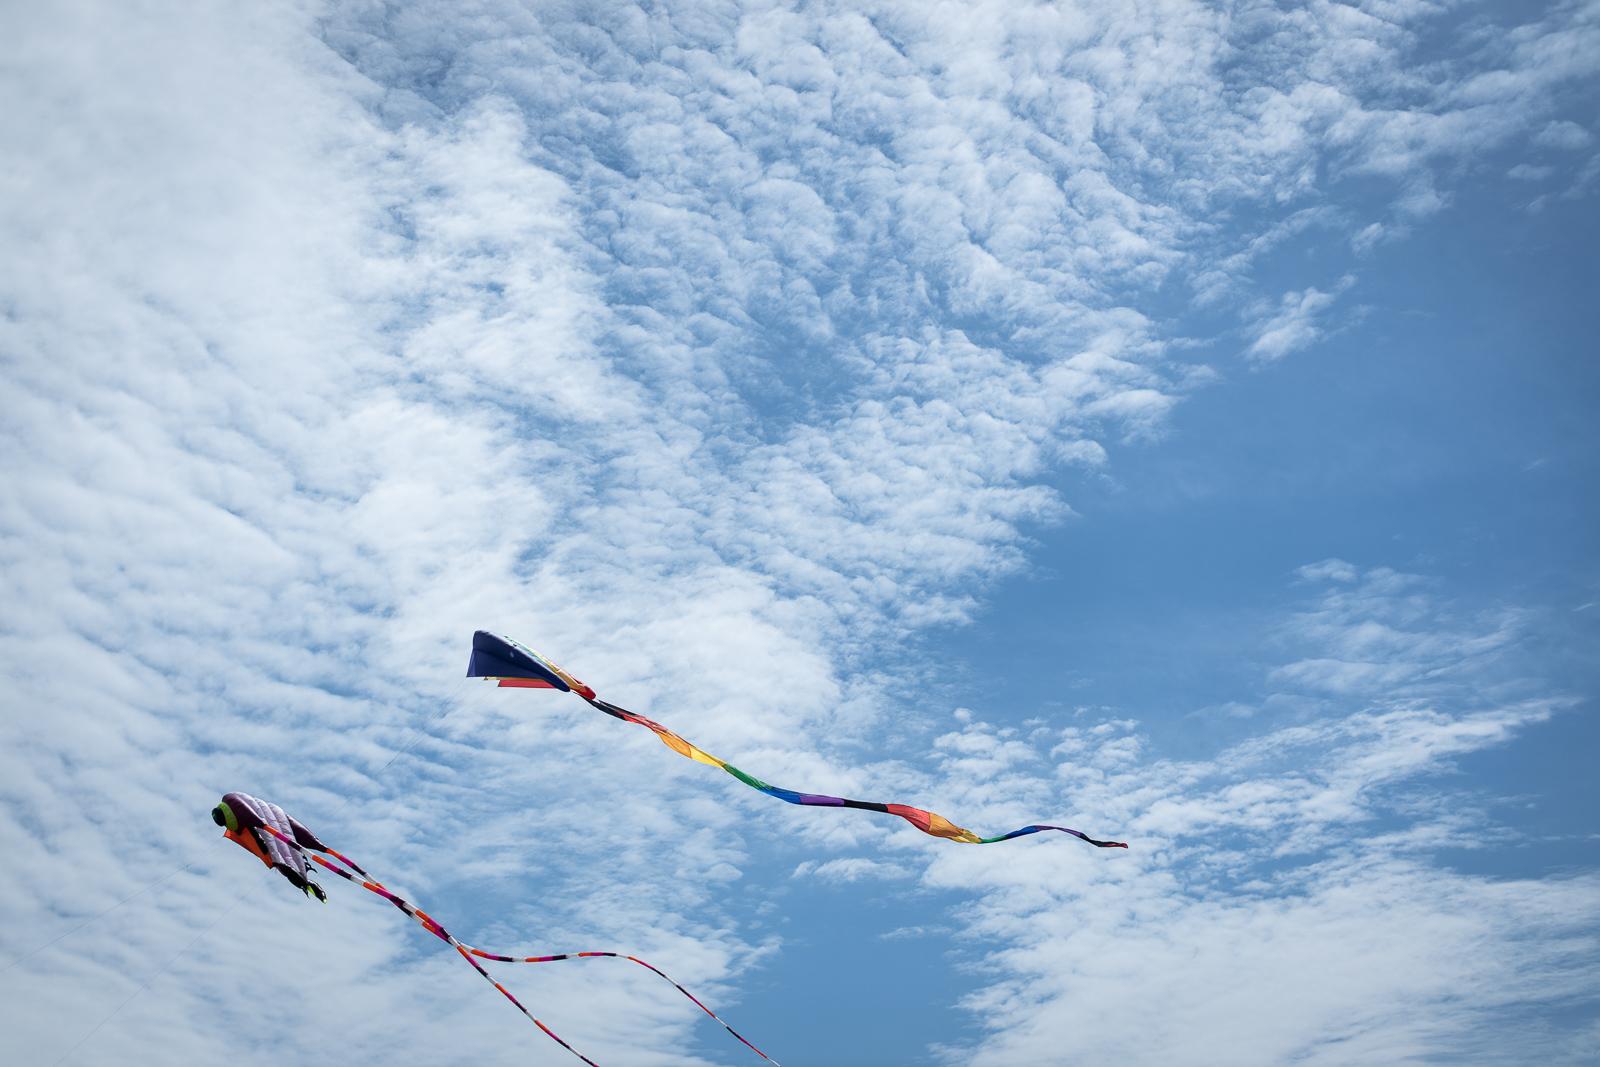 kite-festival-2019-blog-33.jpg